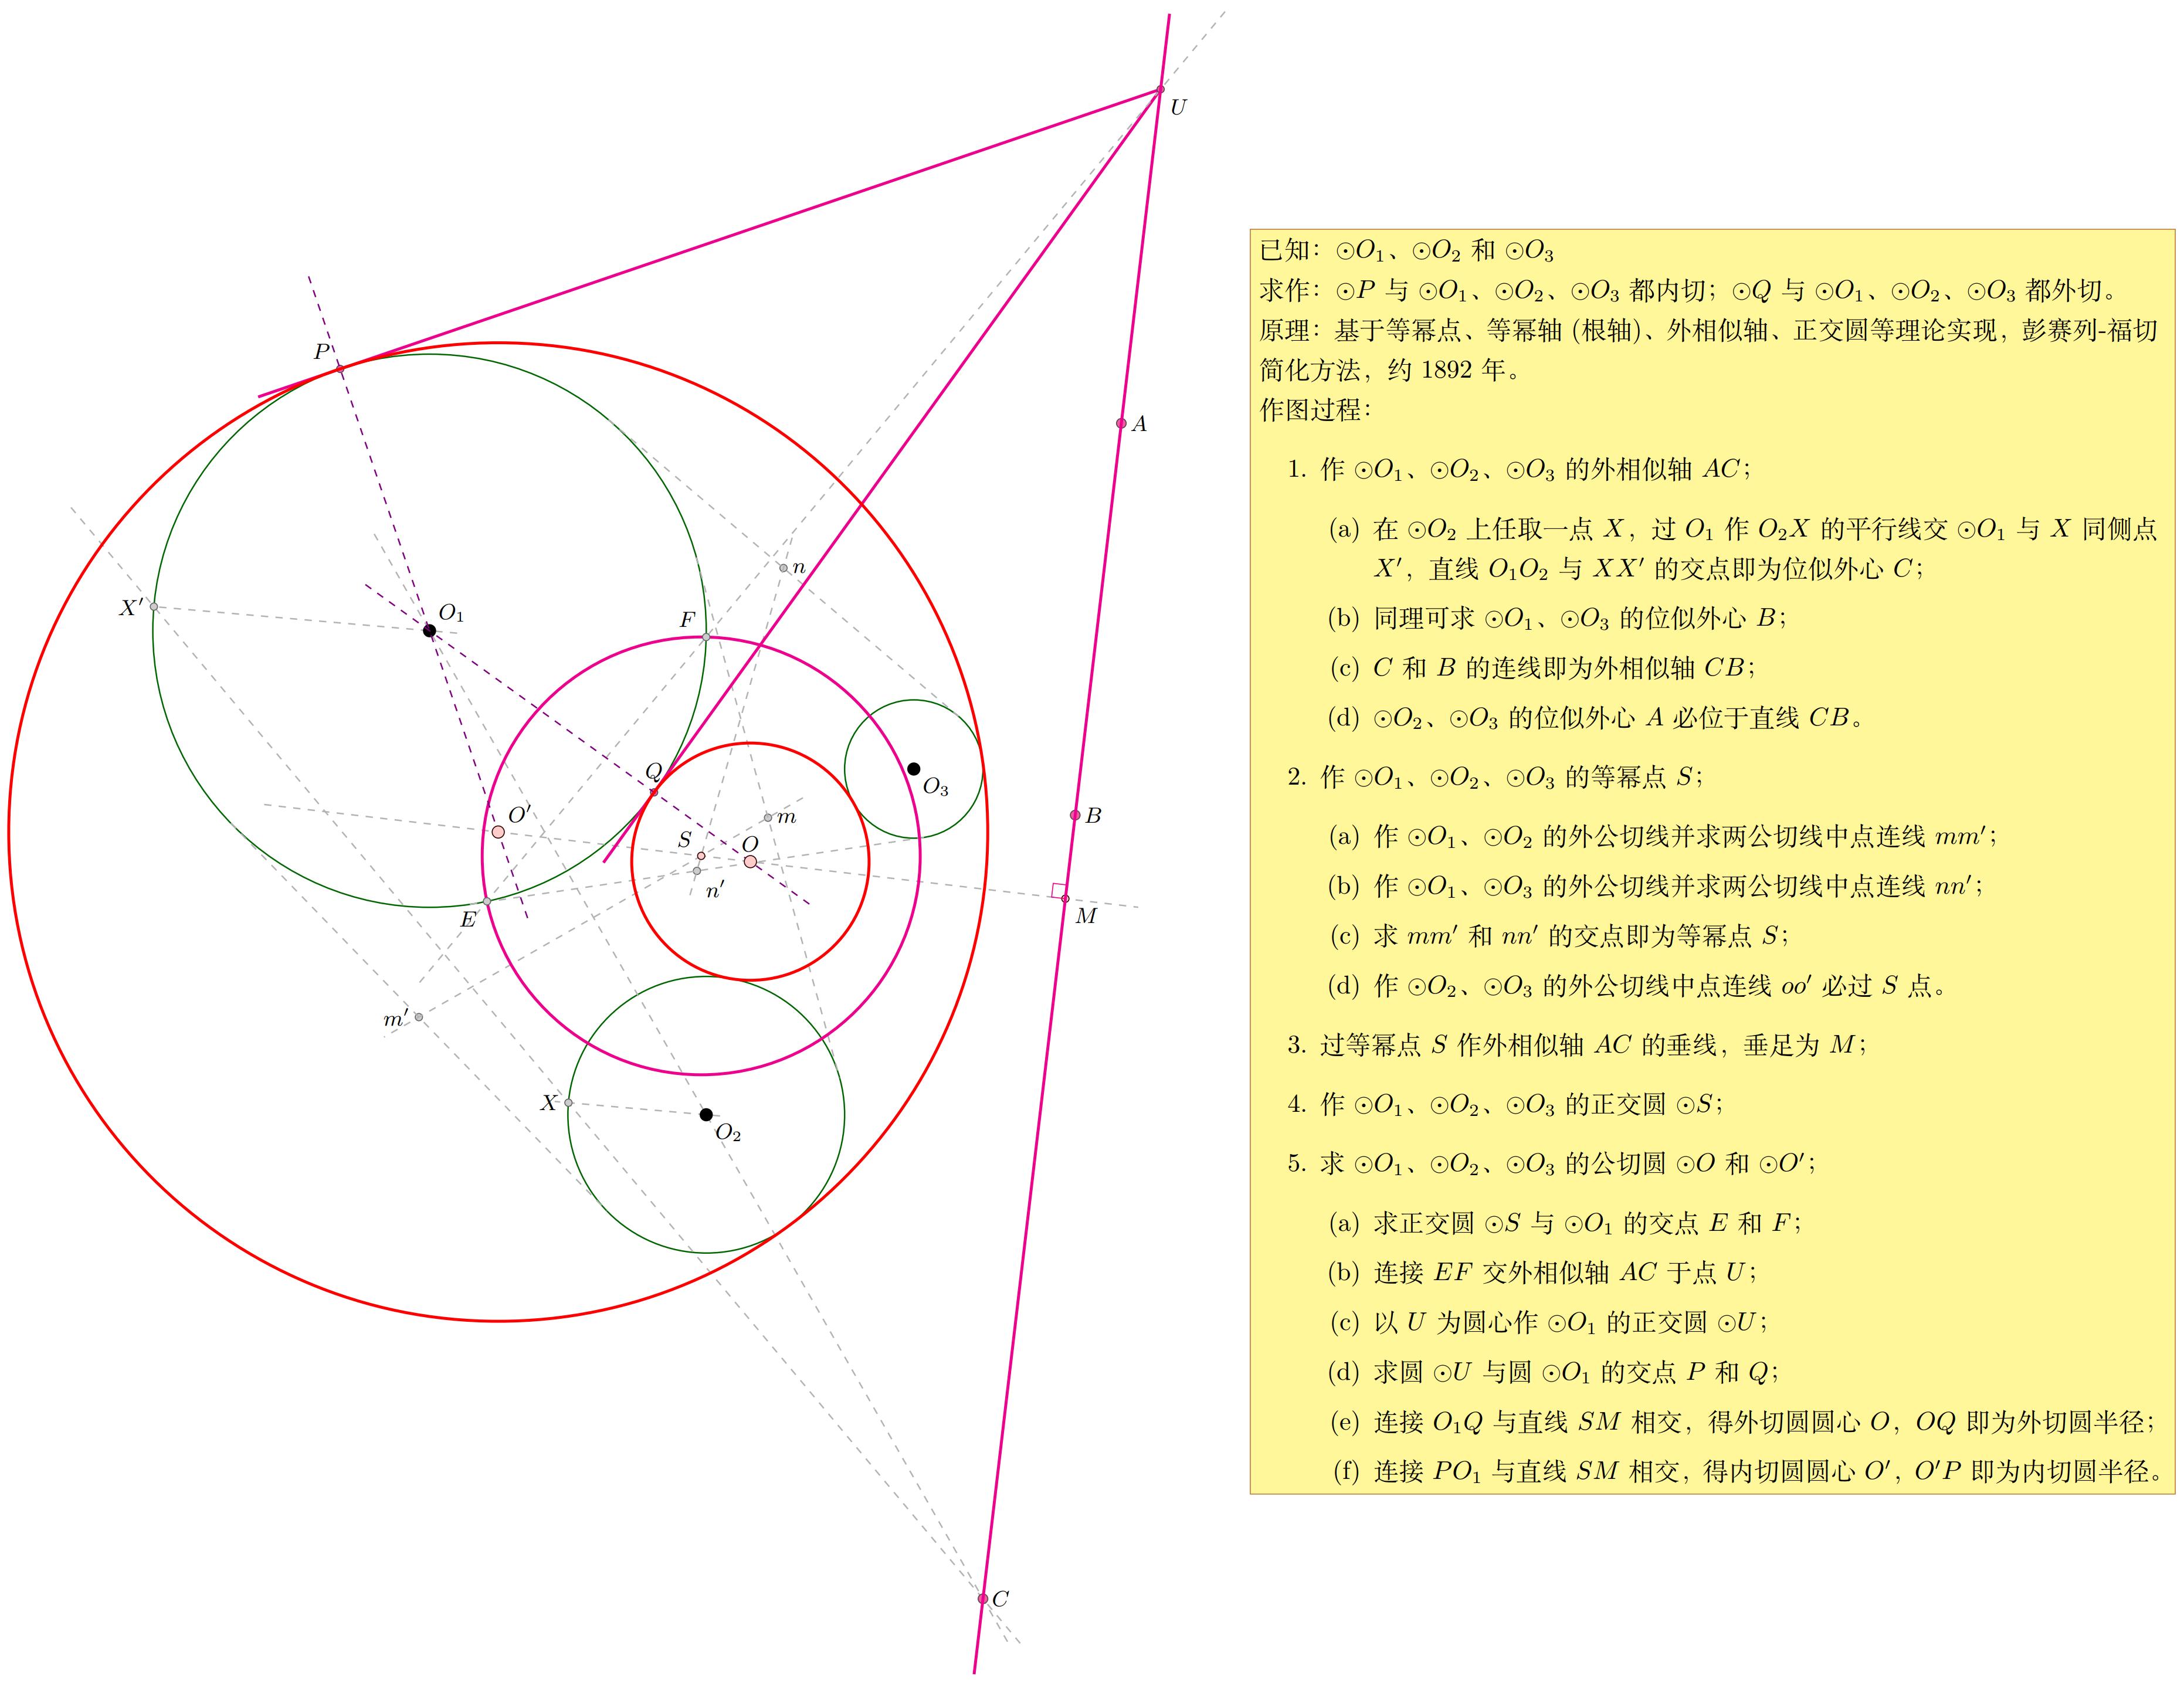 用tkz-euclide实现阿波罗尼奥斯问题的彭赛列-福切简化尺规作图解法